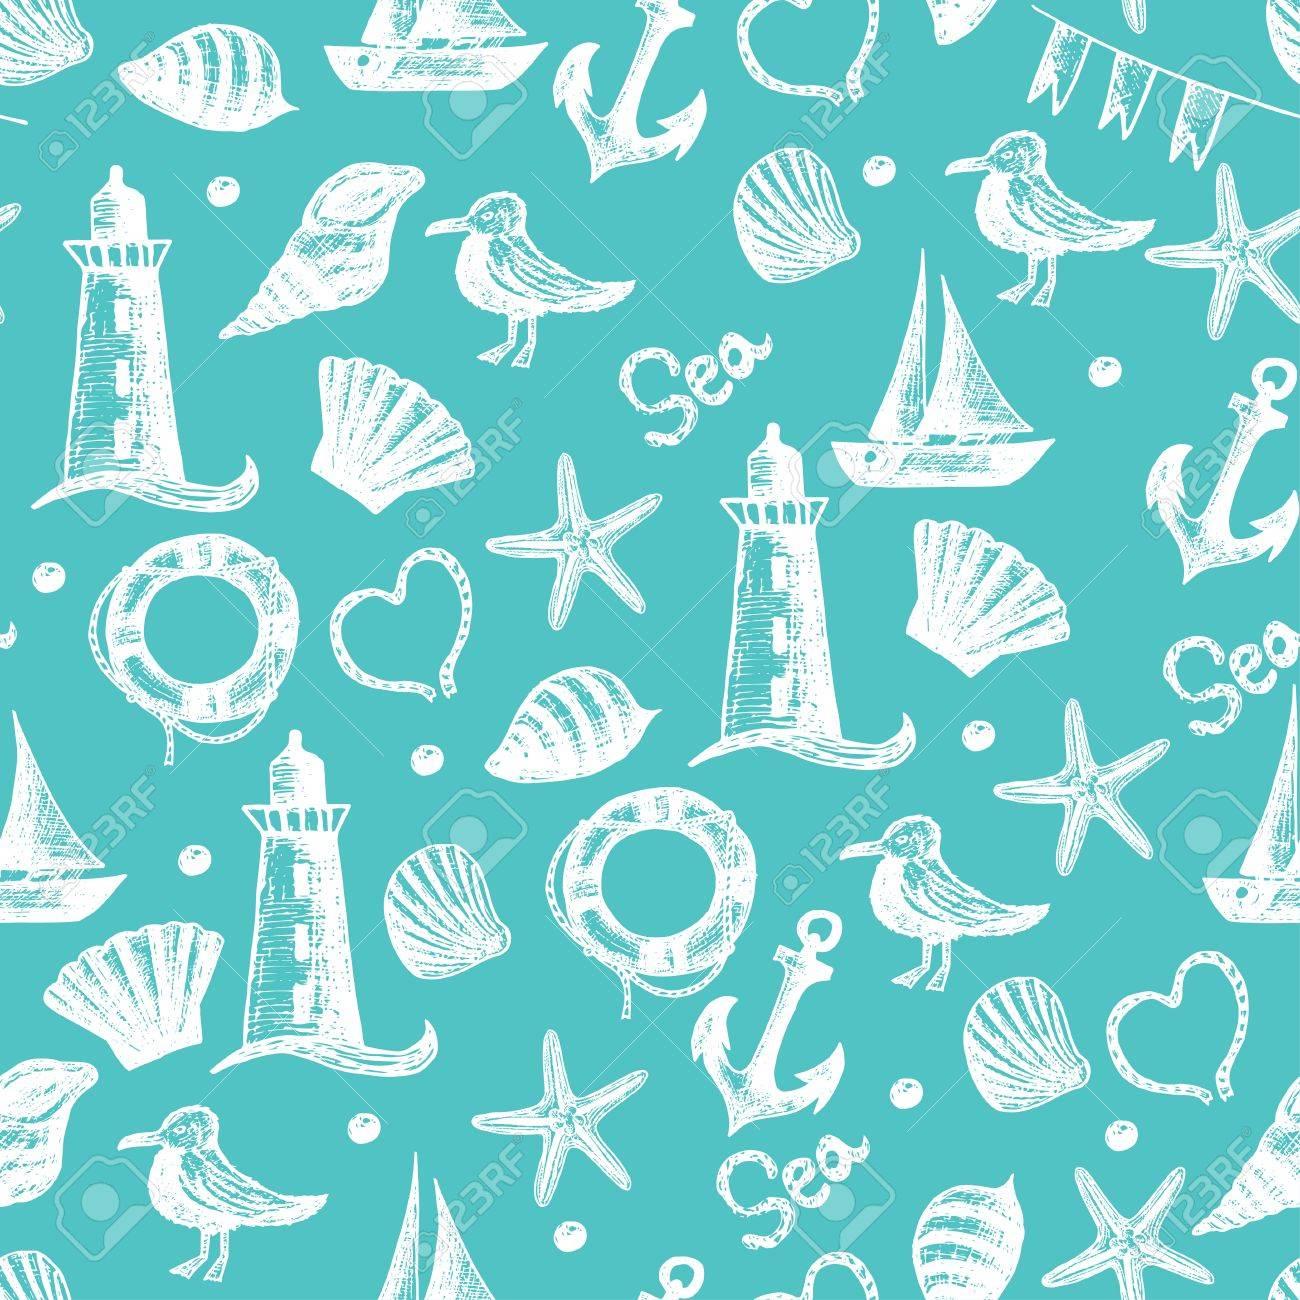 Vettoriale Seamless Pattern Disegnati A Mano Sul Mare Di Oggetti A